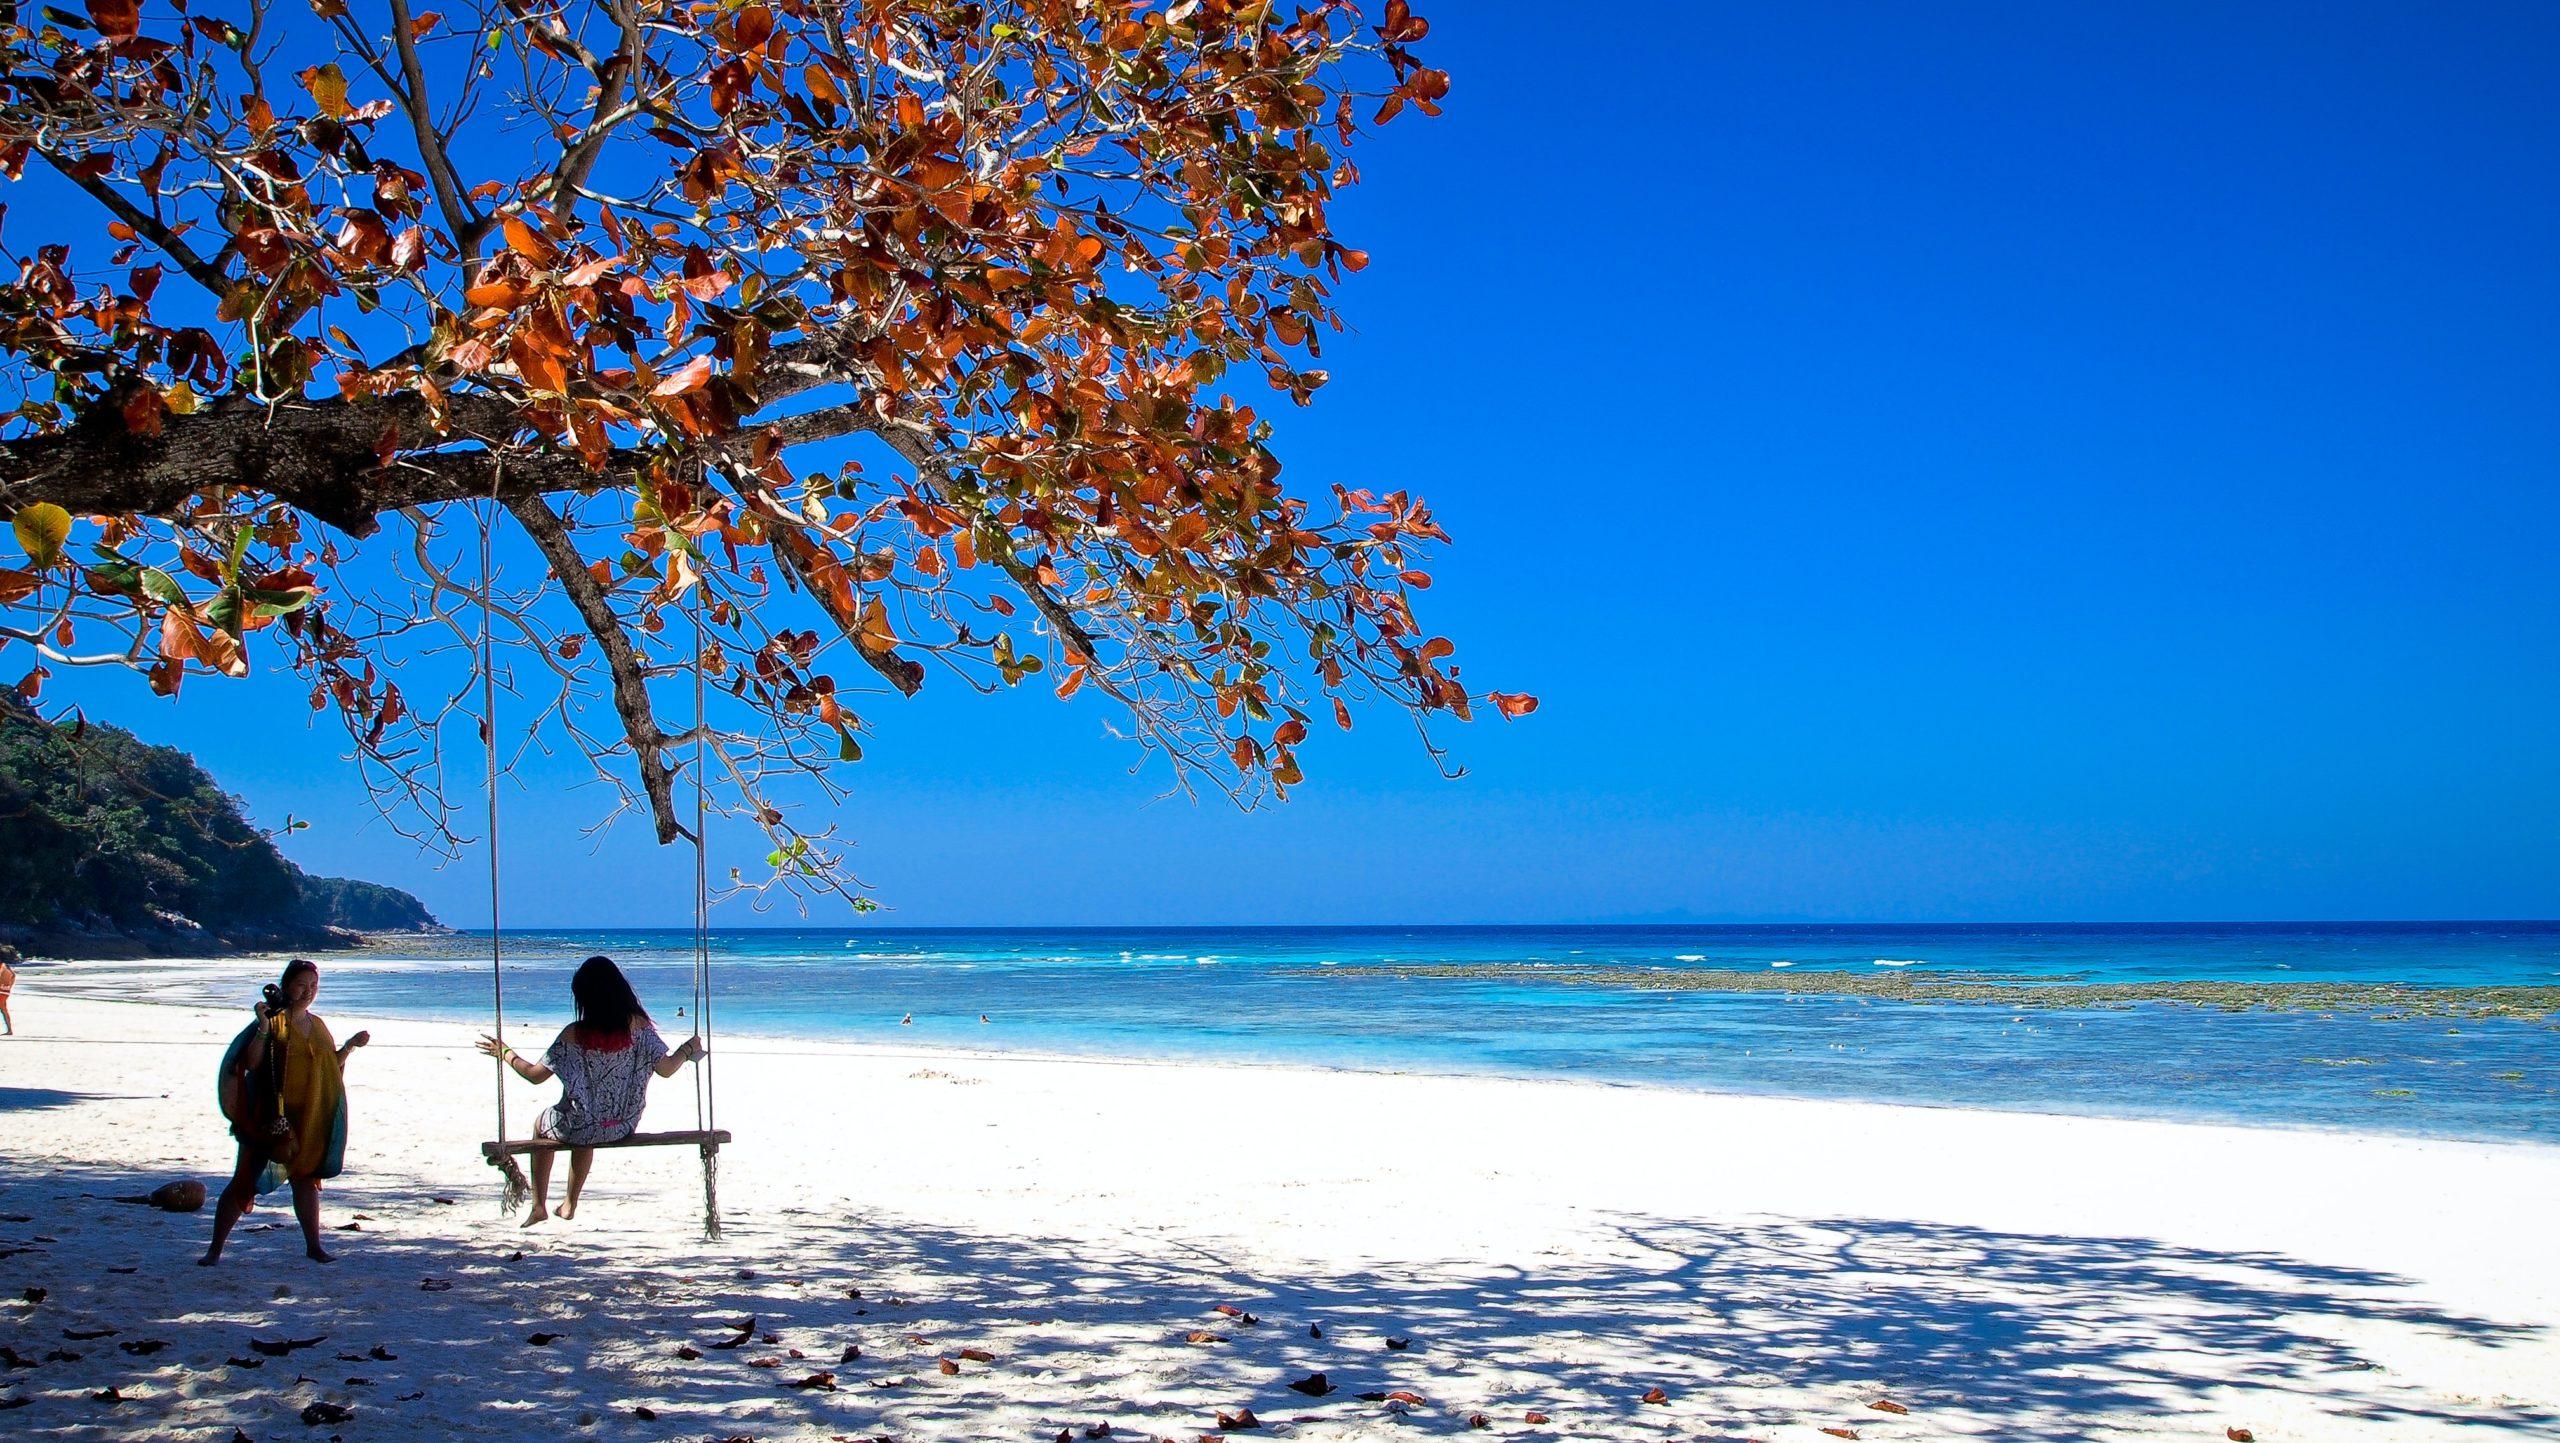 plage au sable blanc sur l'ile tachai en Thaïlande